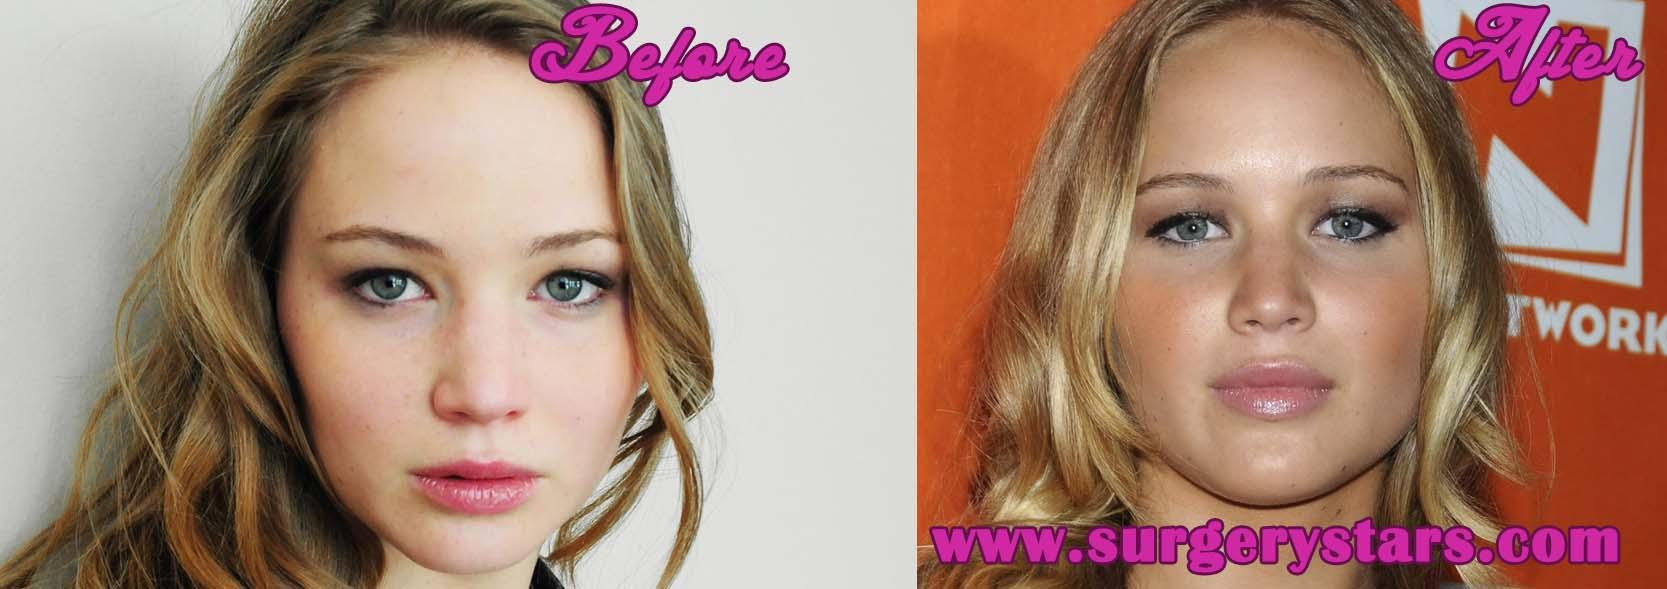 jennifer garner lips before and after